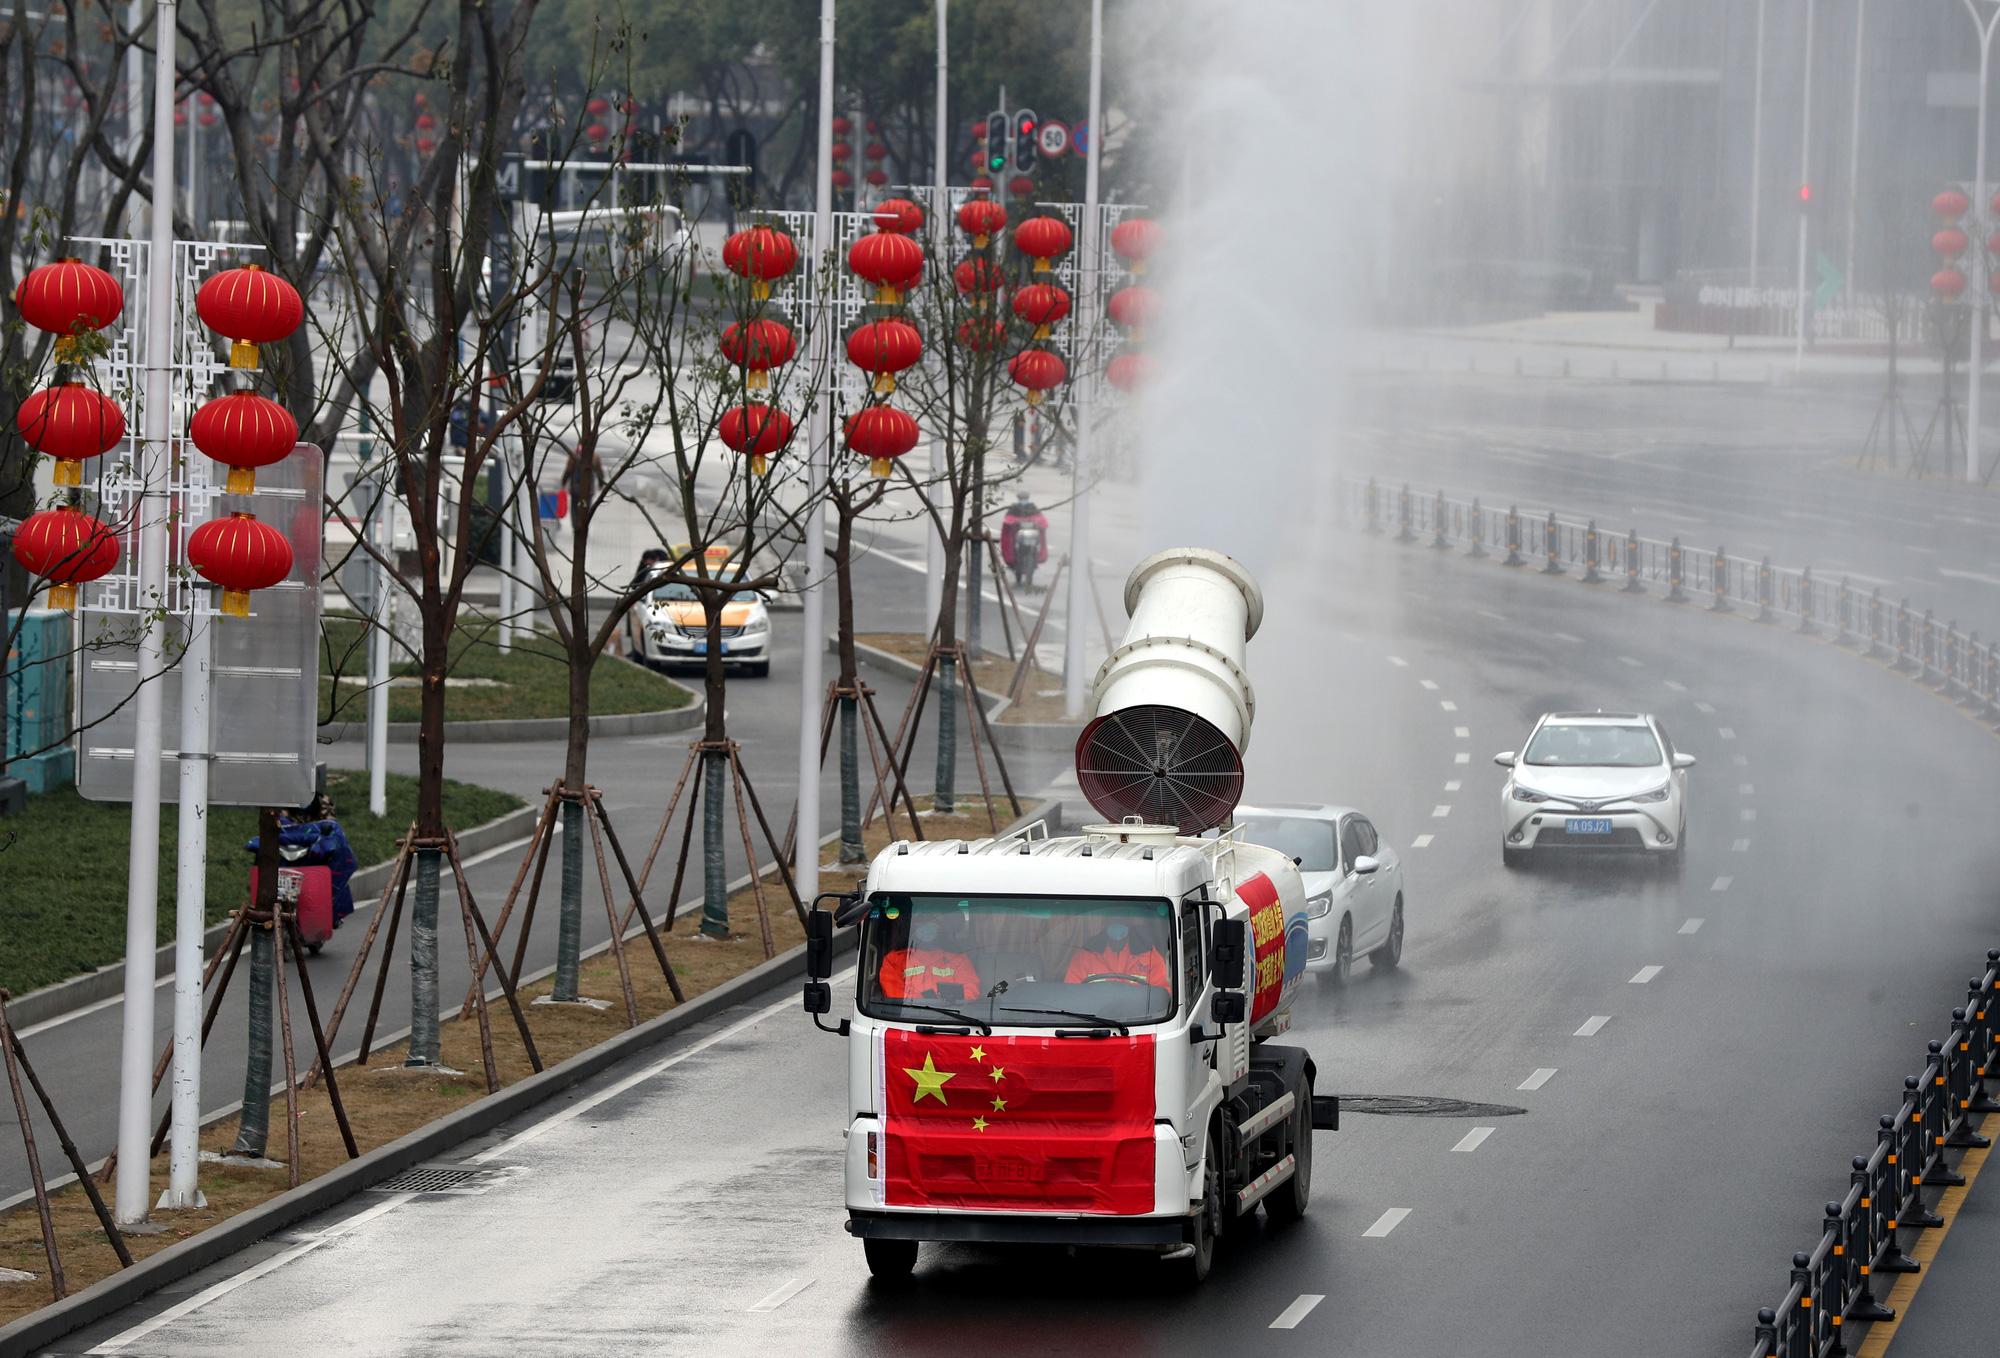 Phương tiện tiến hành khử trùng sau khi bùng phát virus ở Vũ Hán, tỉnh Hồ Bắc, Trung Quốc